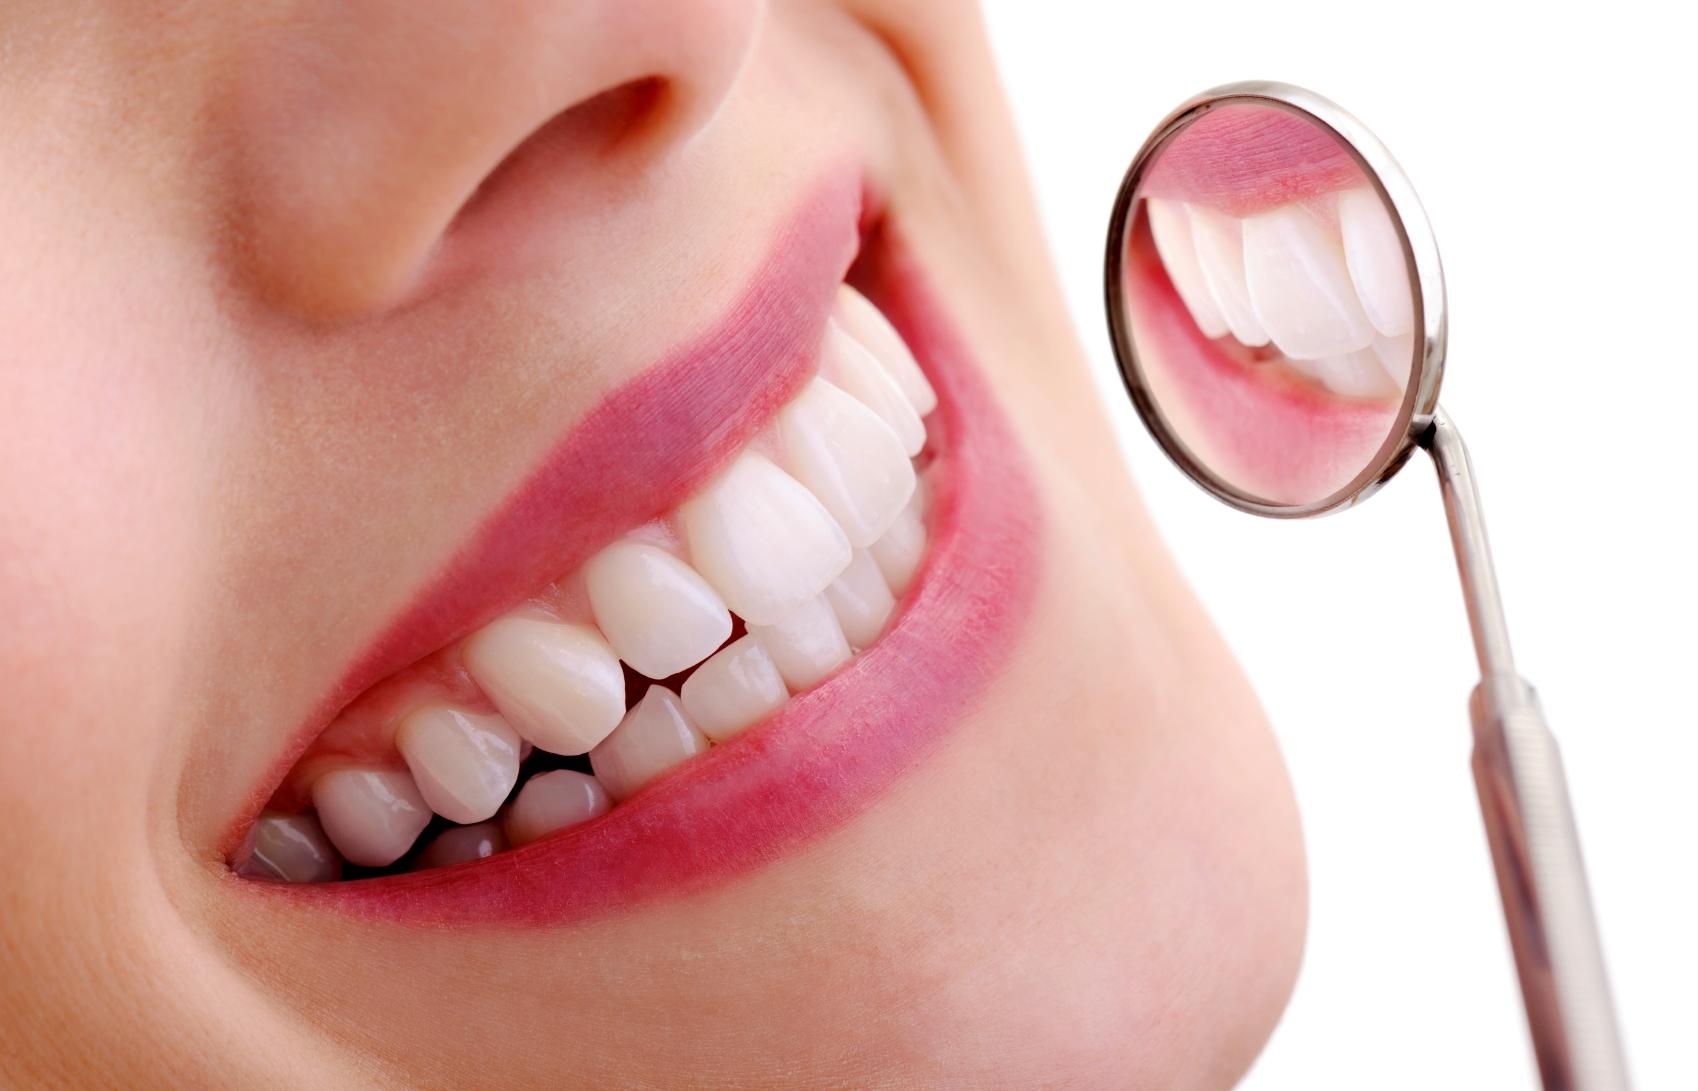 15€ από 65€ για Καθαρισμό Δοντιών με Υπέρηχους τελευταίας γενιάς & Πλήρη Στοματικό Έλεγχο, σε 15 κορυφαία Οδοντιατρικά Κέντρα σε όλη την Αττική, μια προσφορά της Happydeals Health